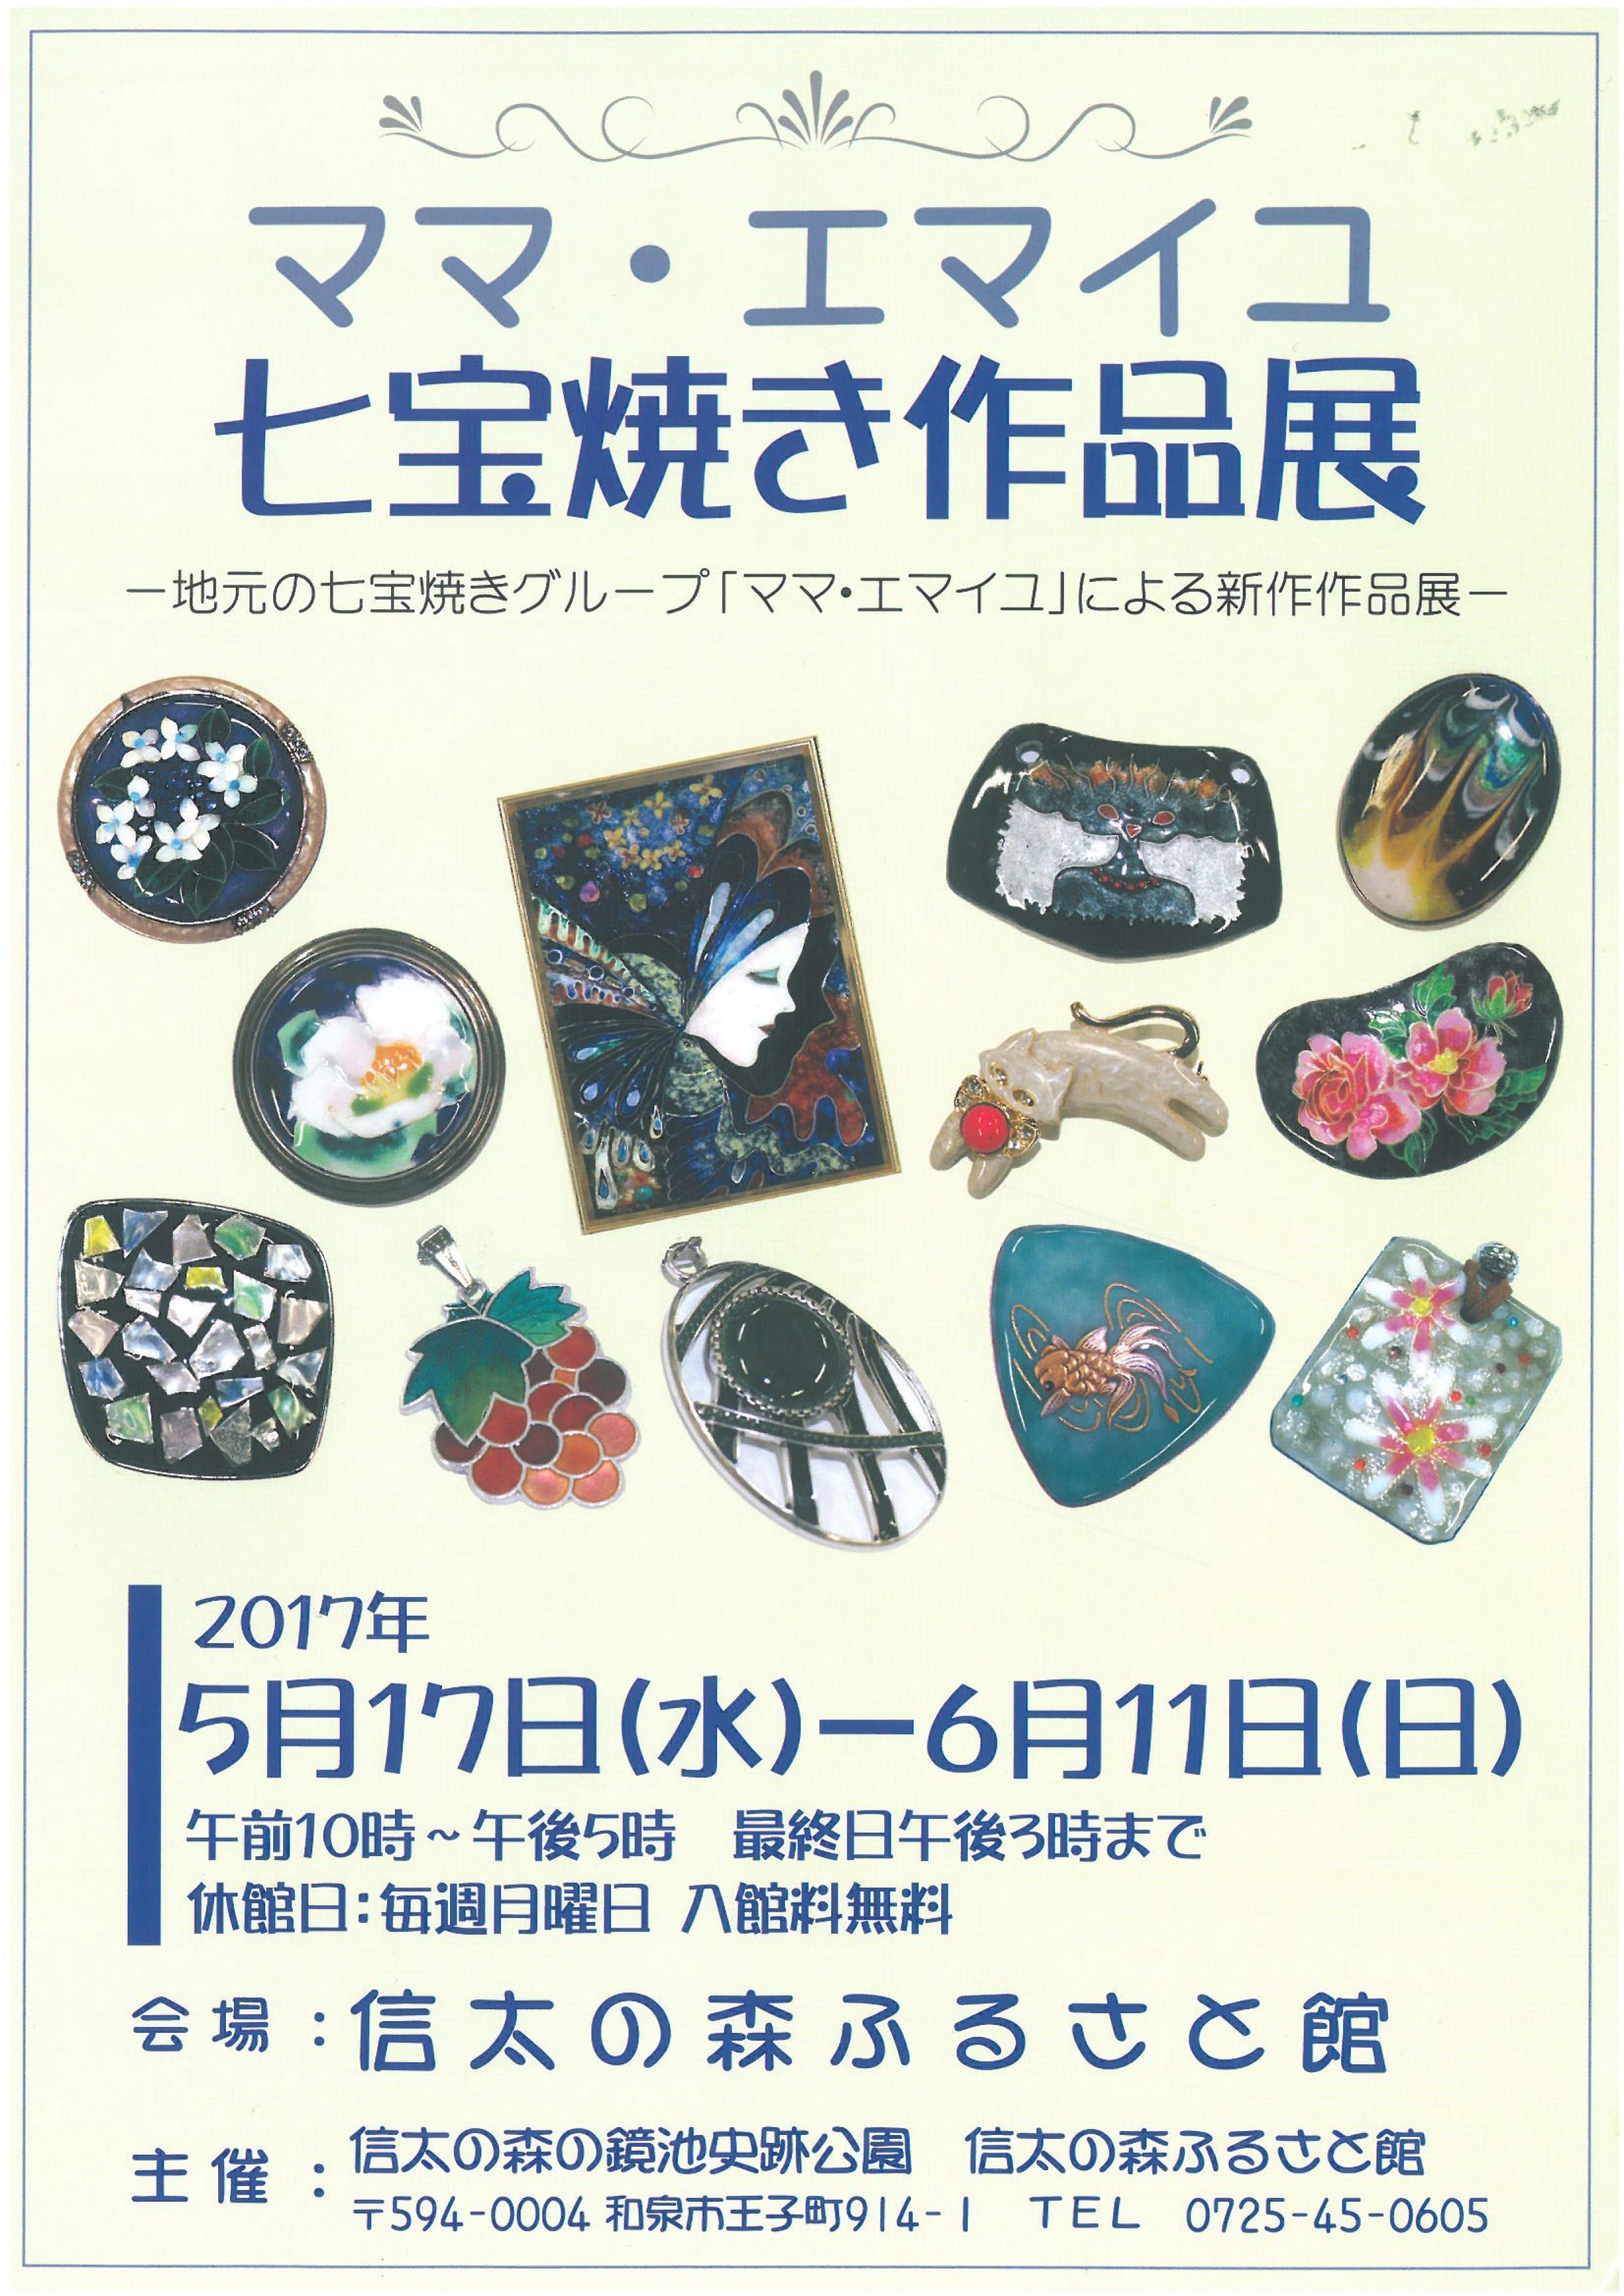 『ママ・エマイユ 七宝焼き作品展』開催!5/17(水)から【信太の森ふるさと館】にて